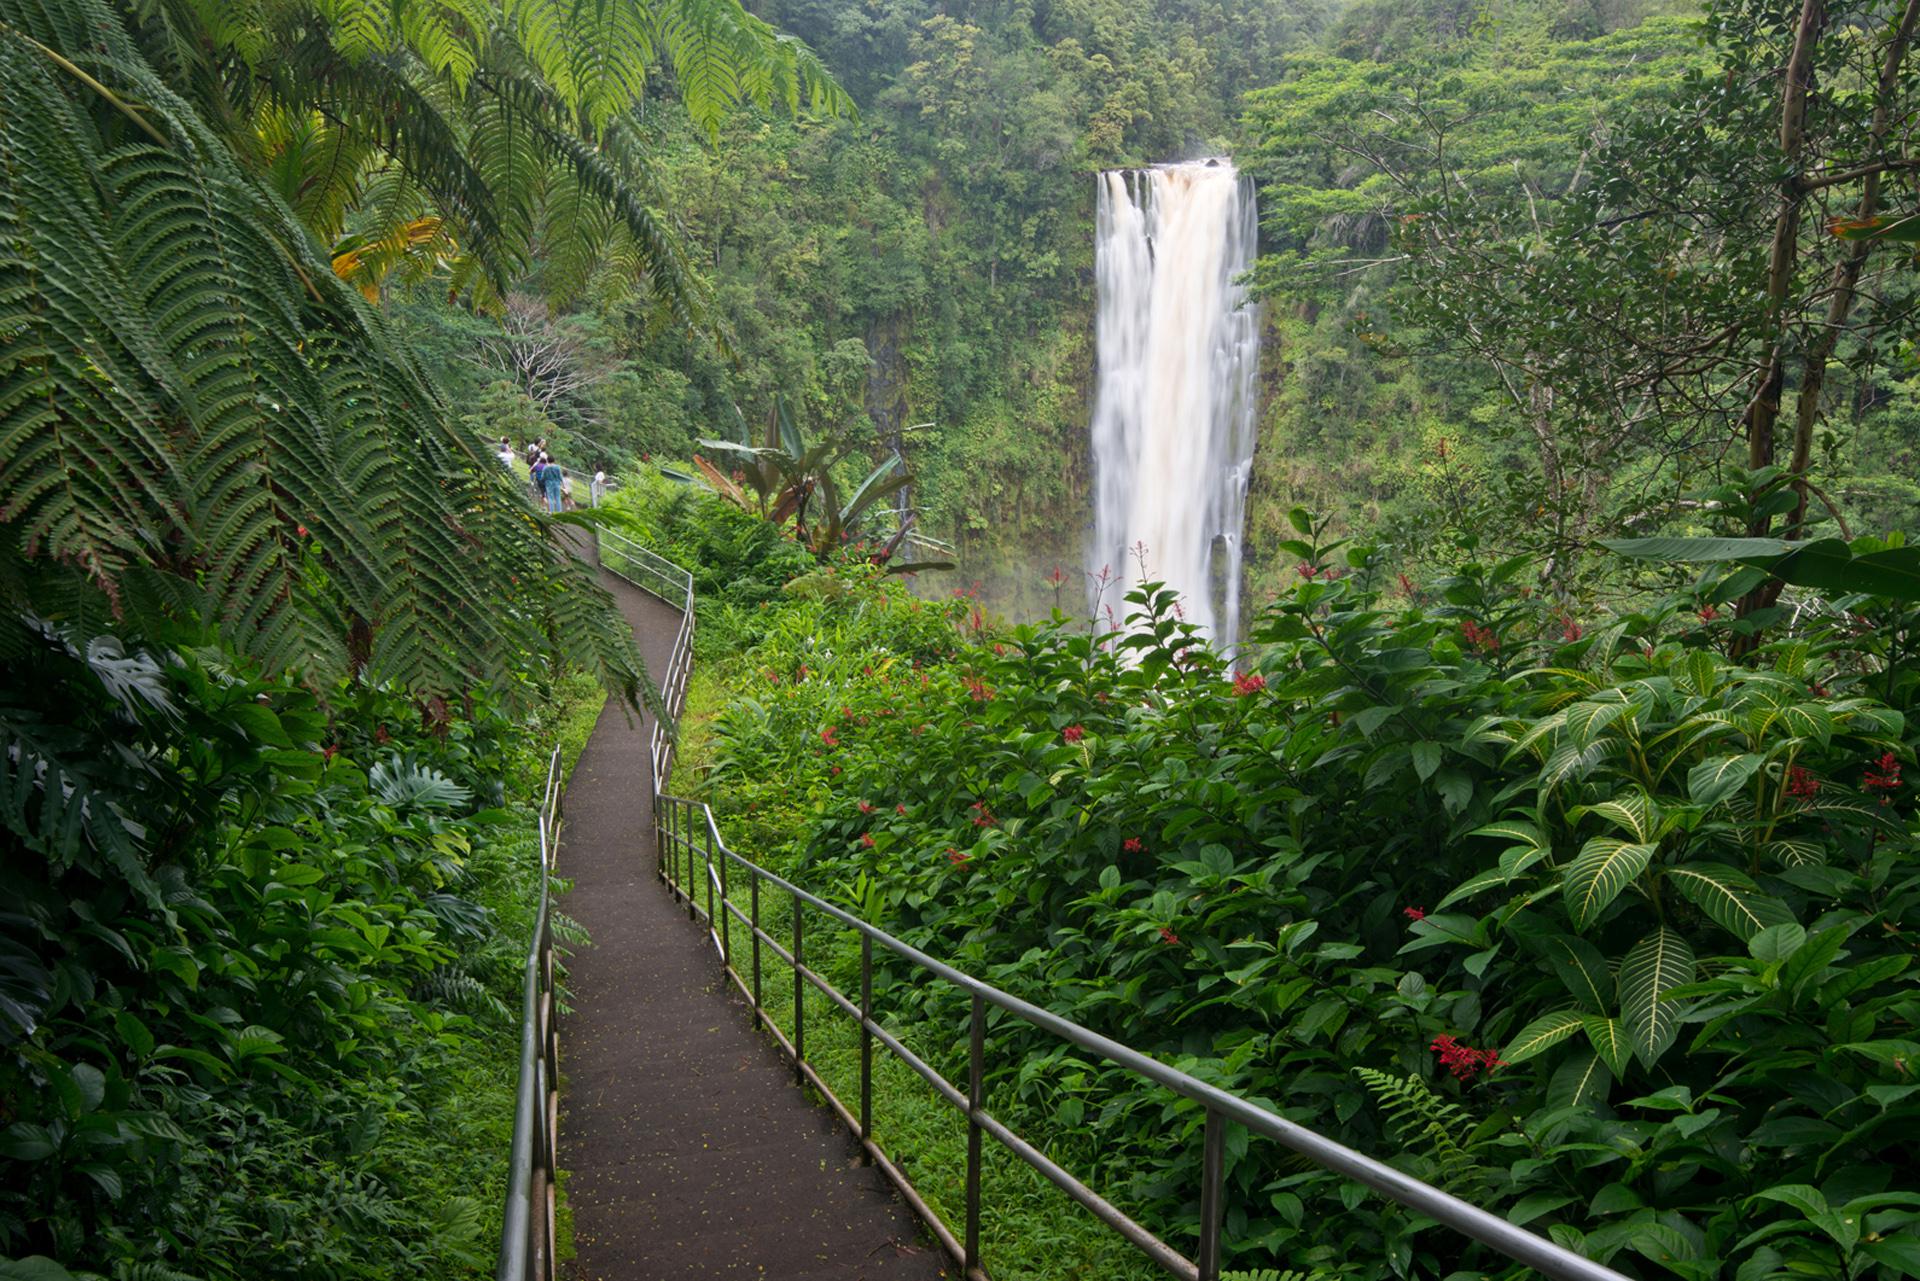 Hawaii Impfungen: Wie sollte man sich auf die Reise vorbereiten?